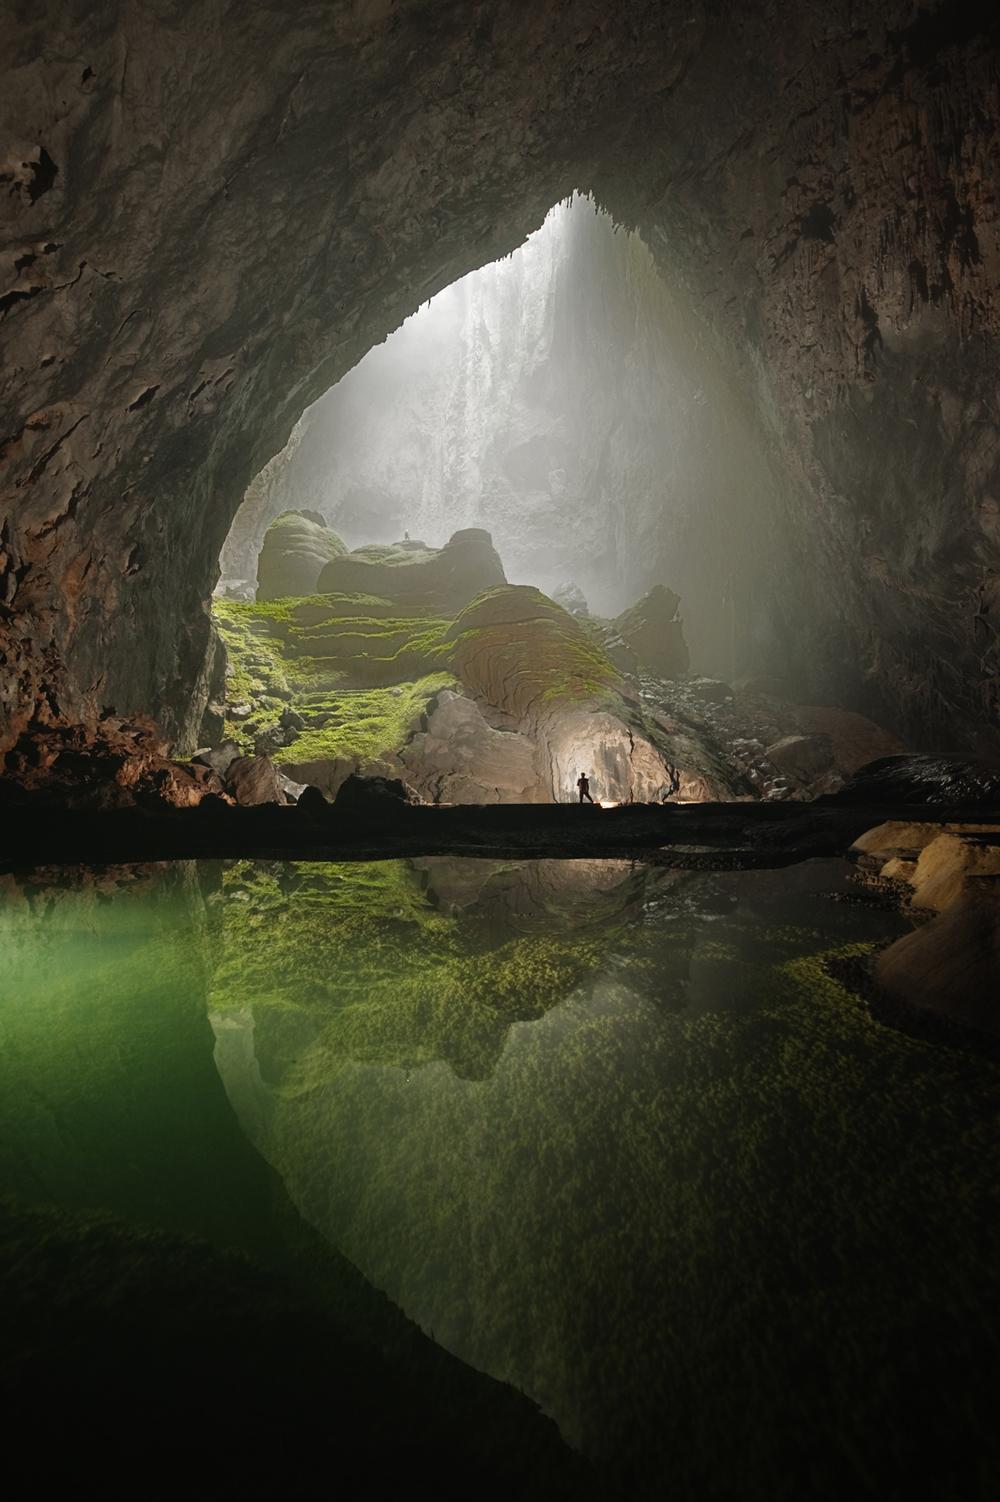 hang-son-doong-cave-vietnam-carsten-peter-03.jpg